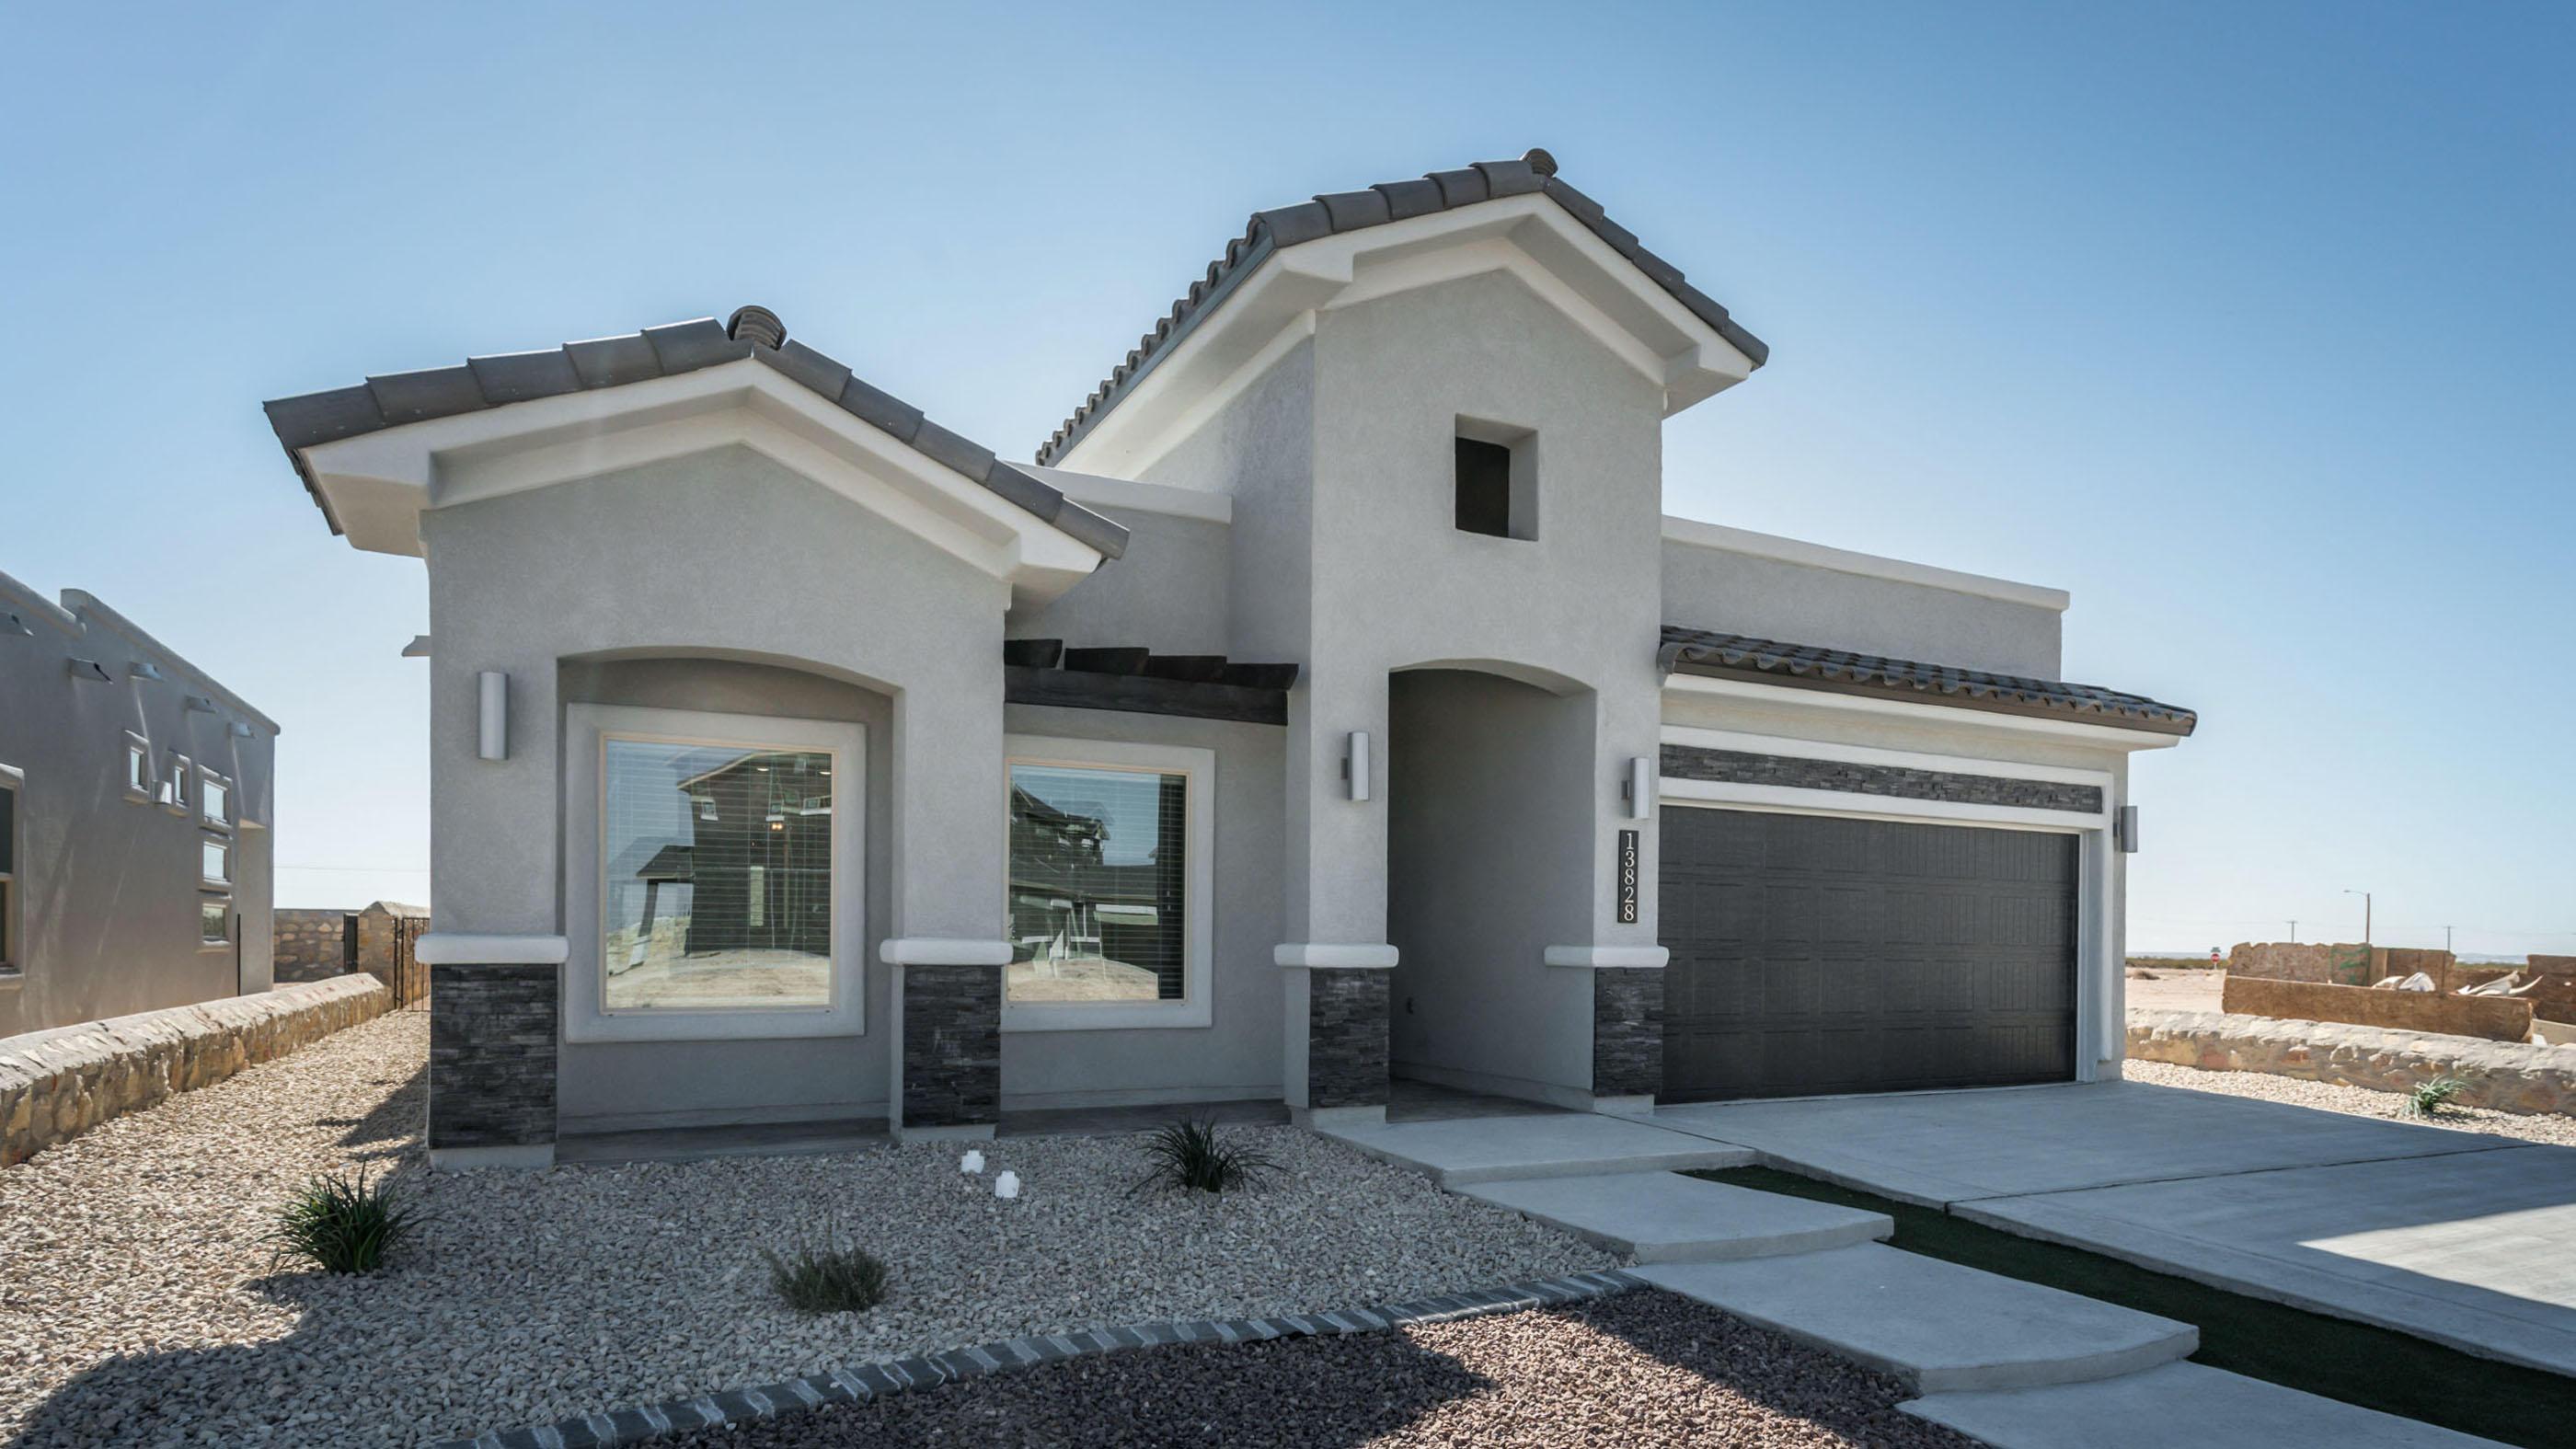 13944 Flora Vista, Horizon City, Texas 79928, 4 Bedrooms Bedrooms, ,2 BathroomsBathrooms,Residential,For sale,Flora Vista,754577